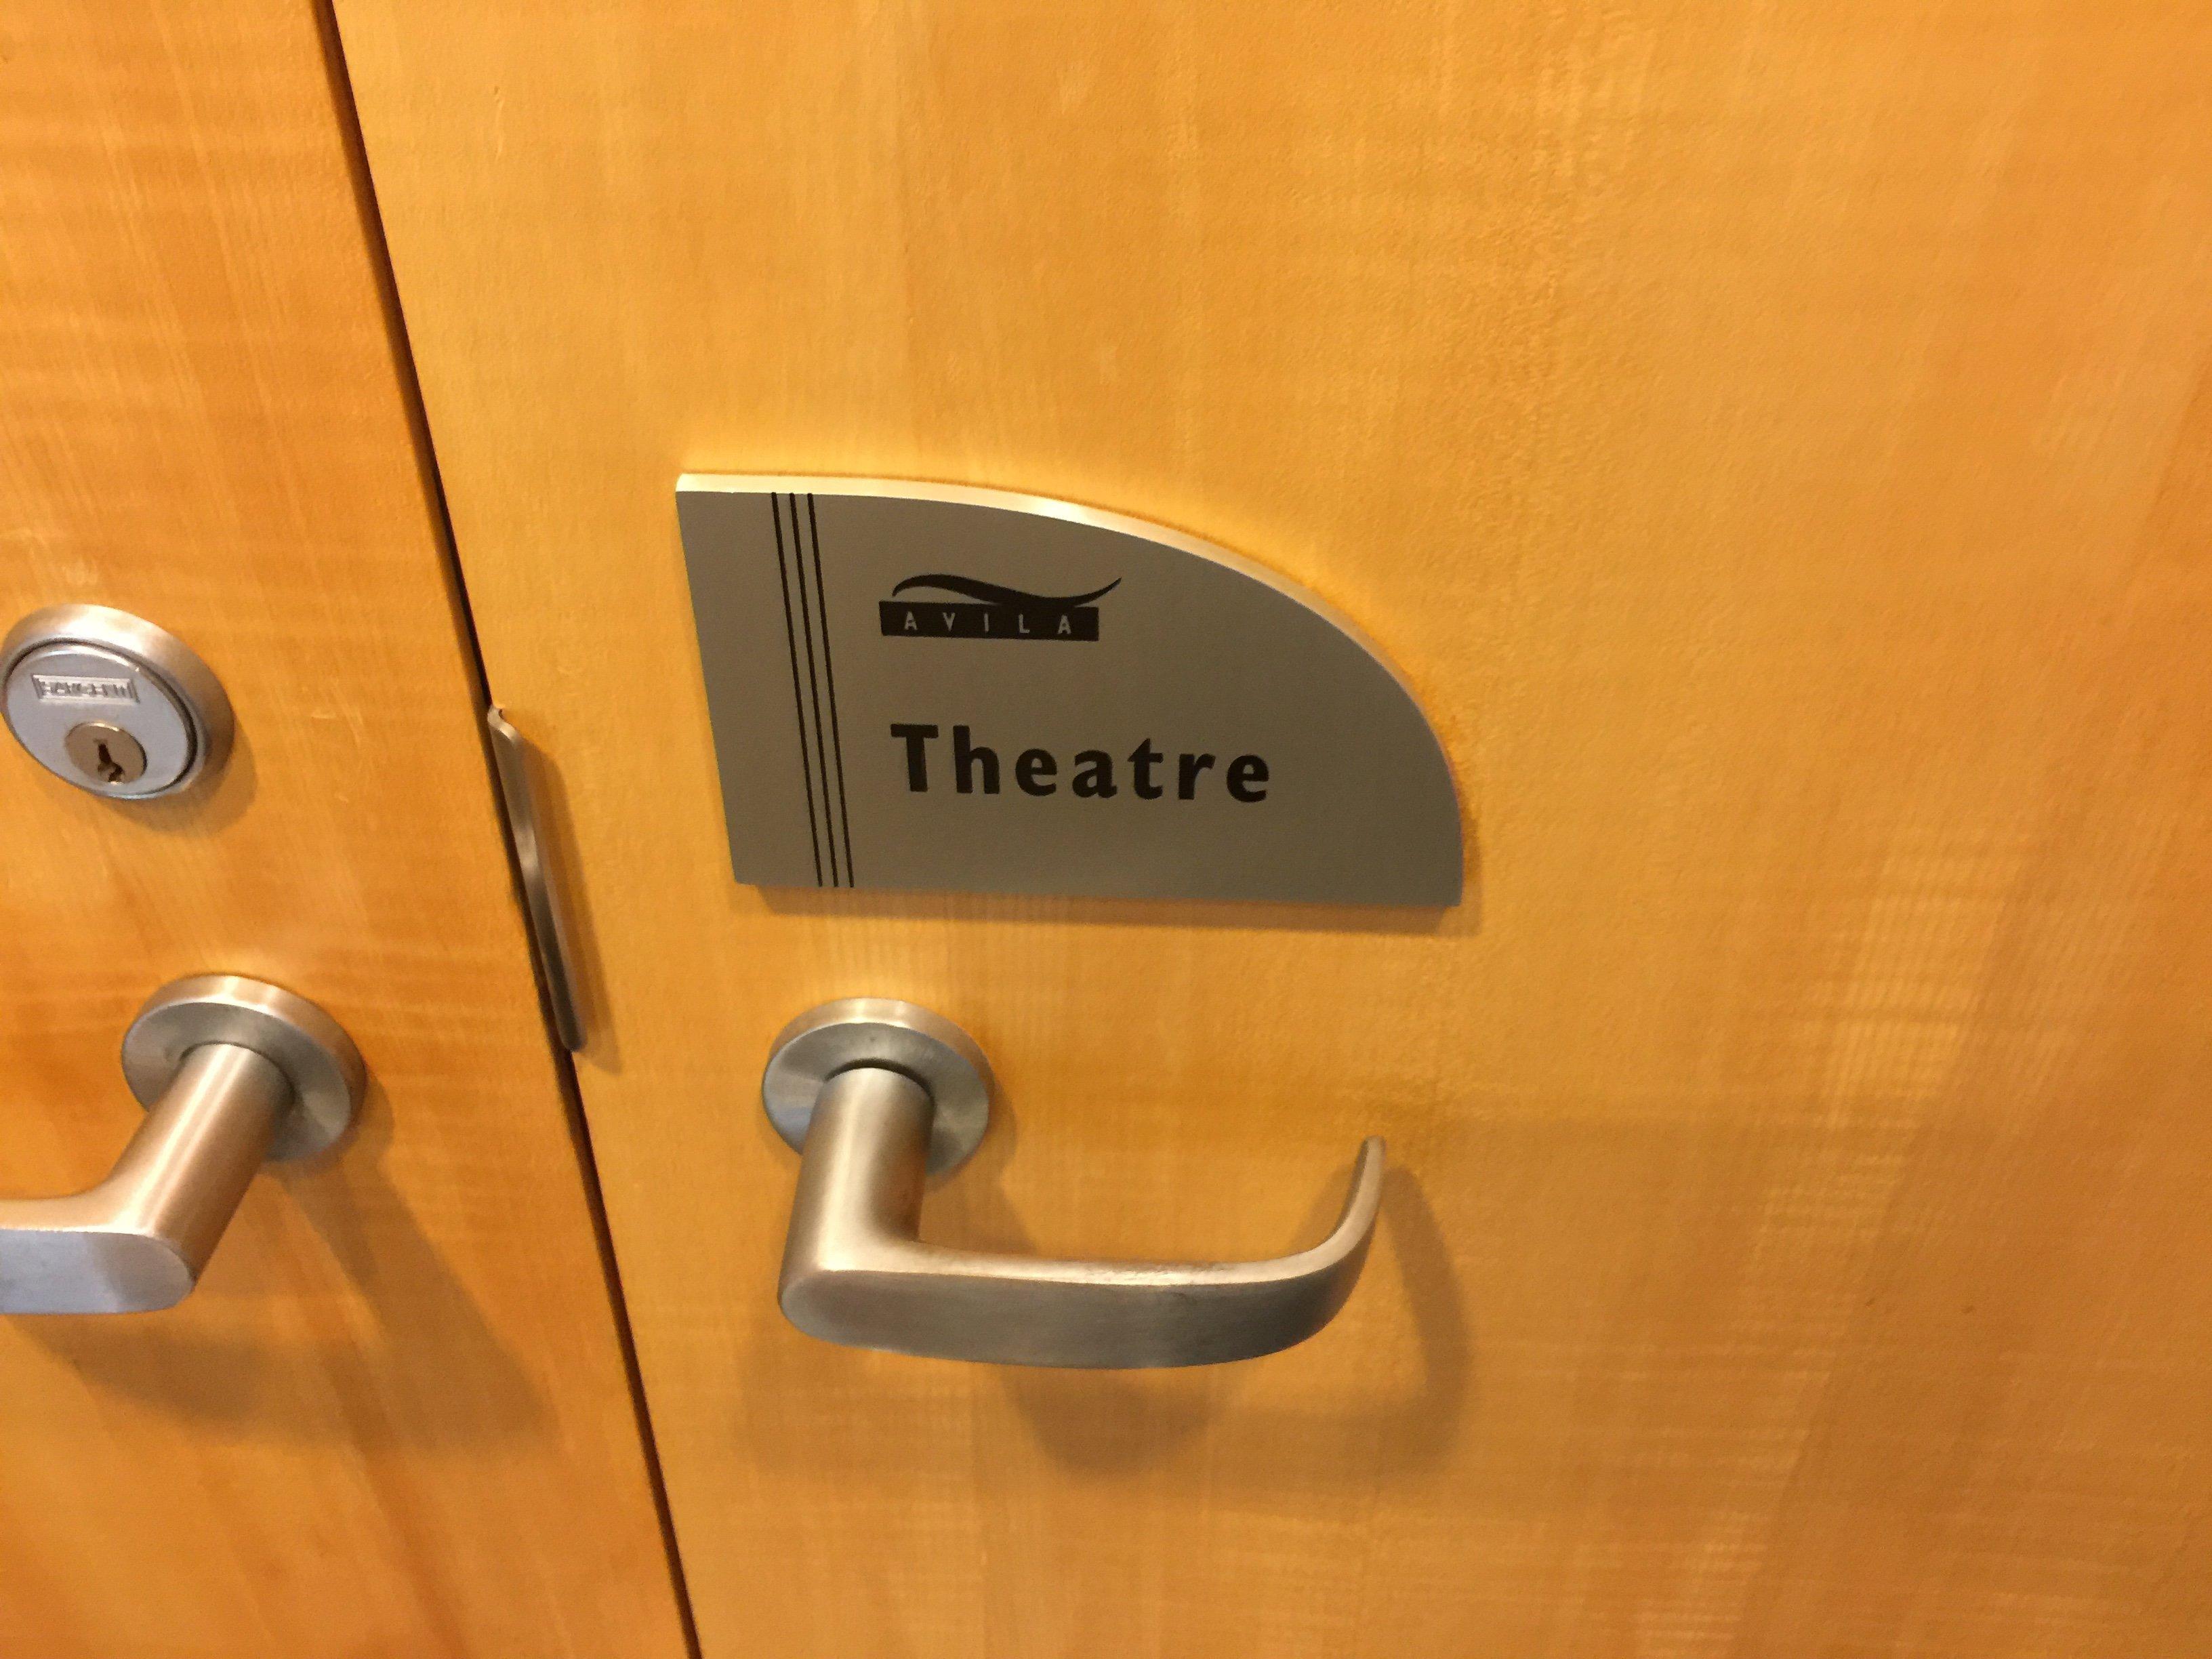 Avila Theatre!